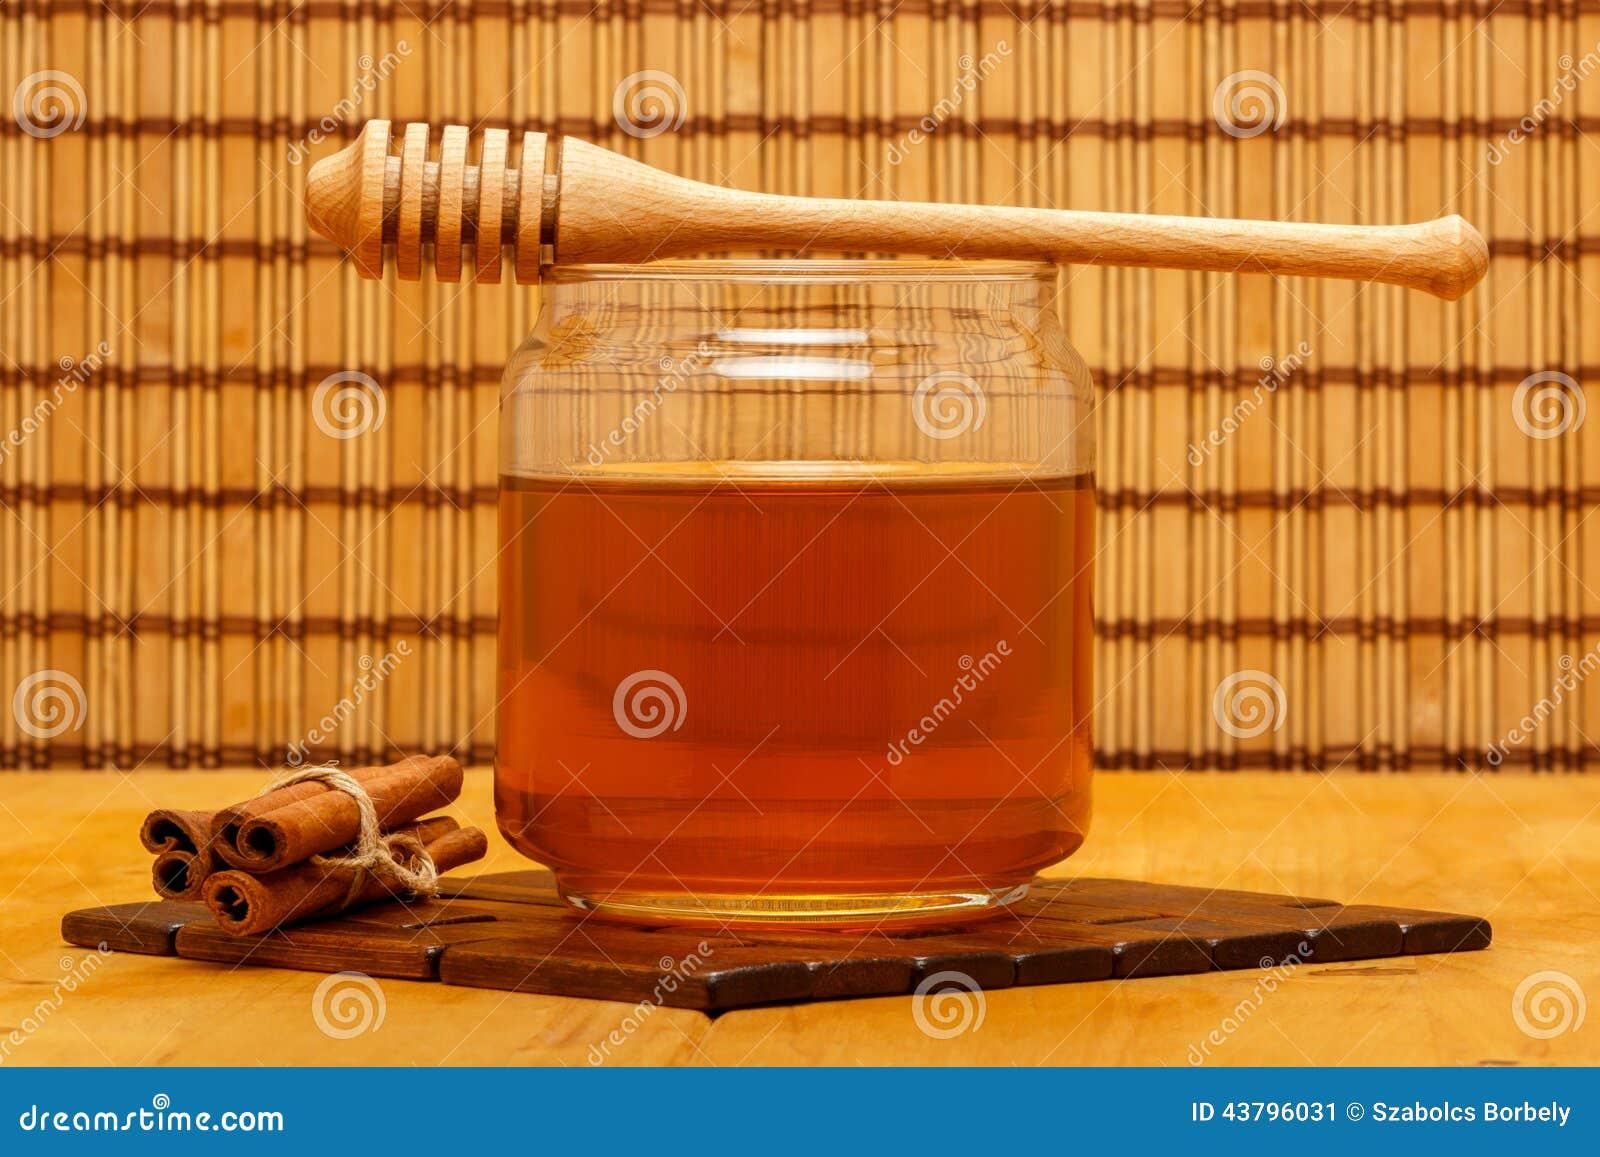 Honig im Glas mit Schöpflöffel- und Zimtstangen